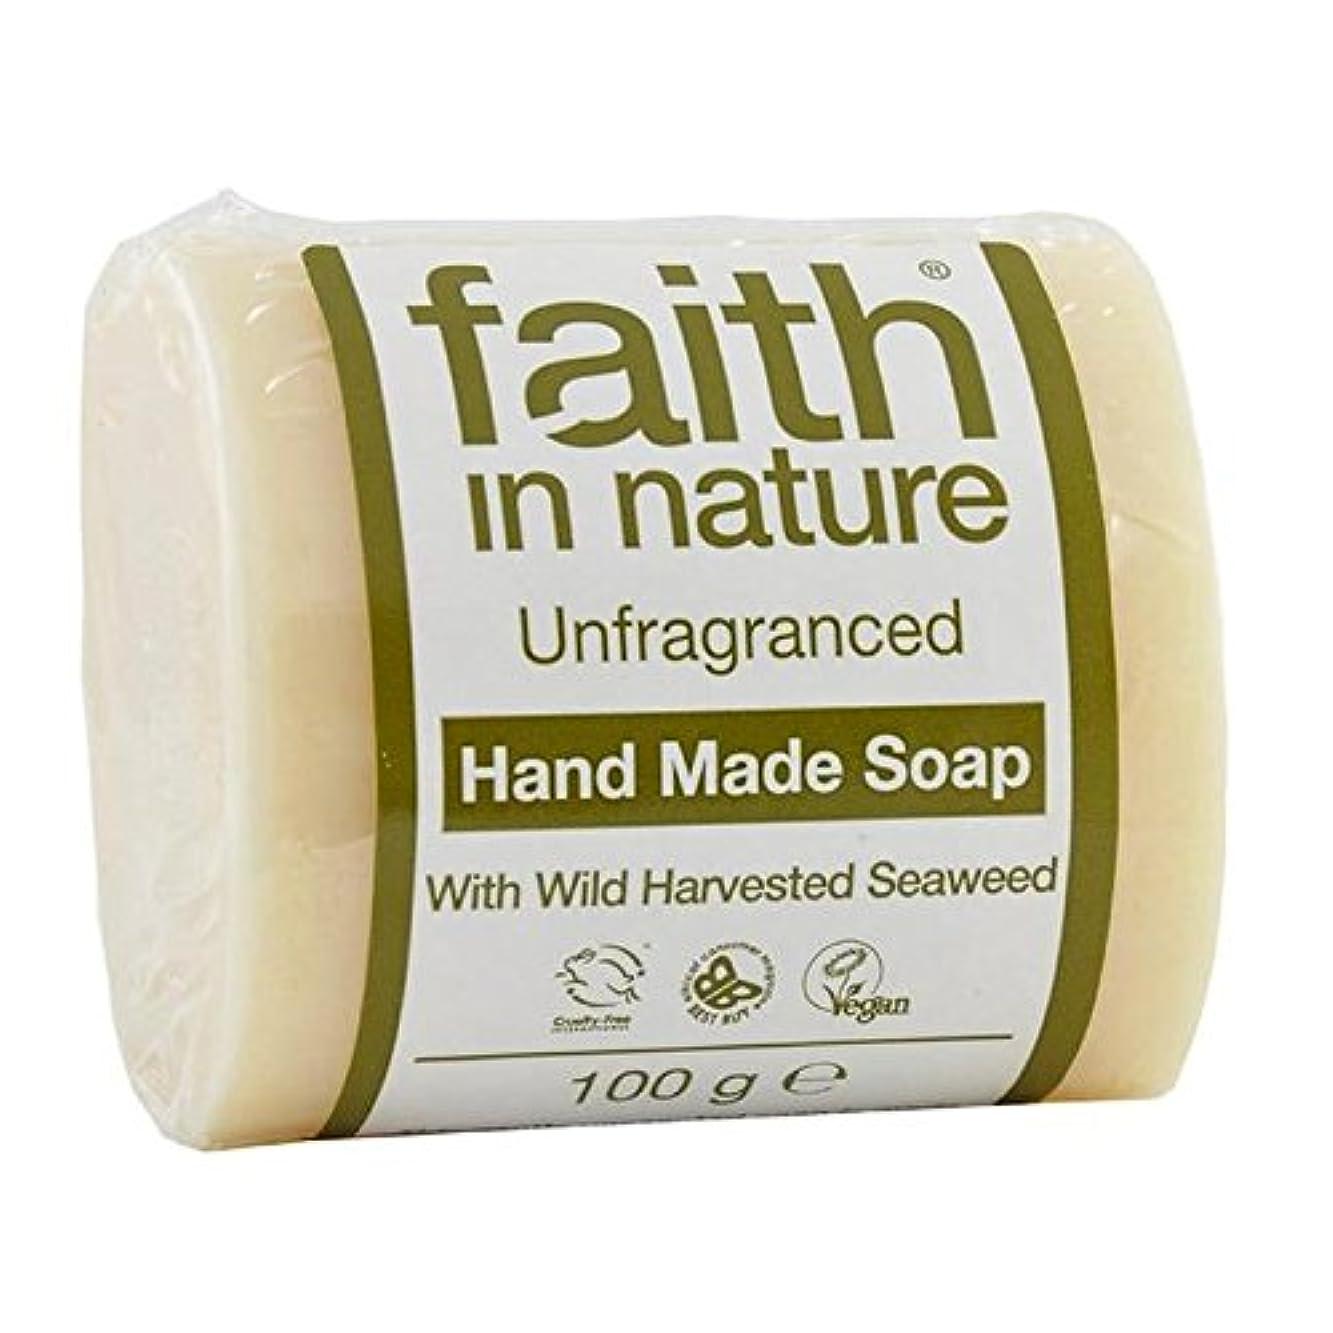 行進矛盾する研磨Faith in Nature Unfragranced Pure Hand Made Soap 100g (Pack of 6) - (Faith In Nature) 自然の中で信仰は純粋な手作り石鹸100グラムを無香料...